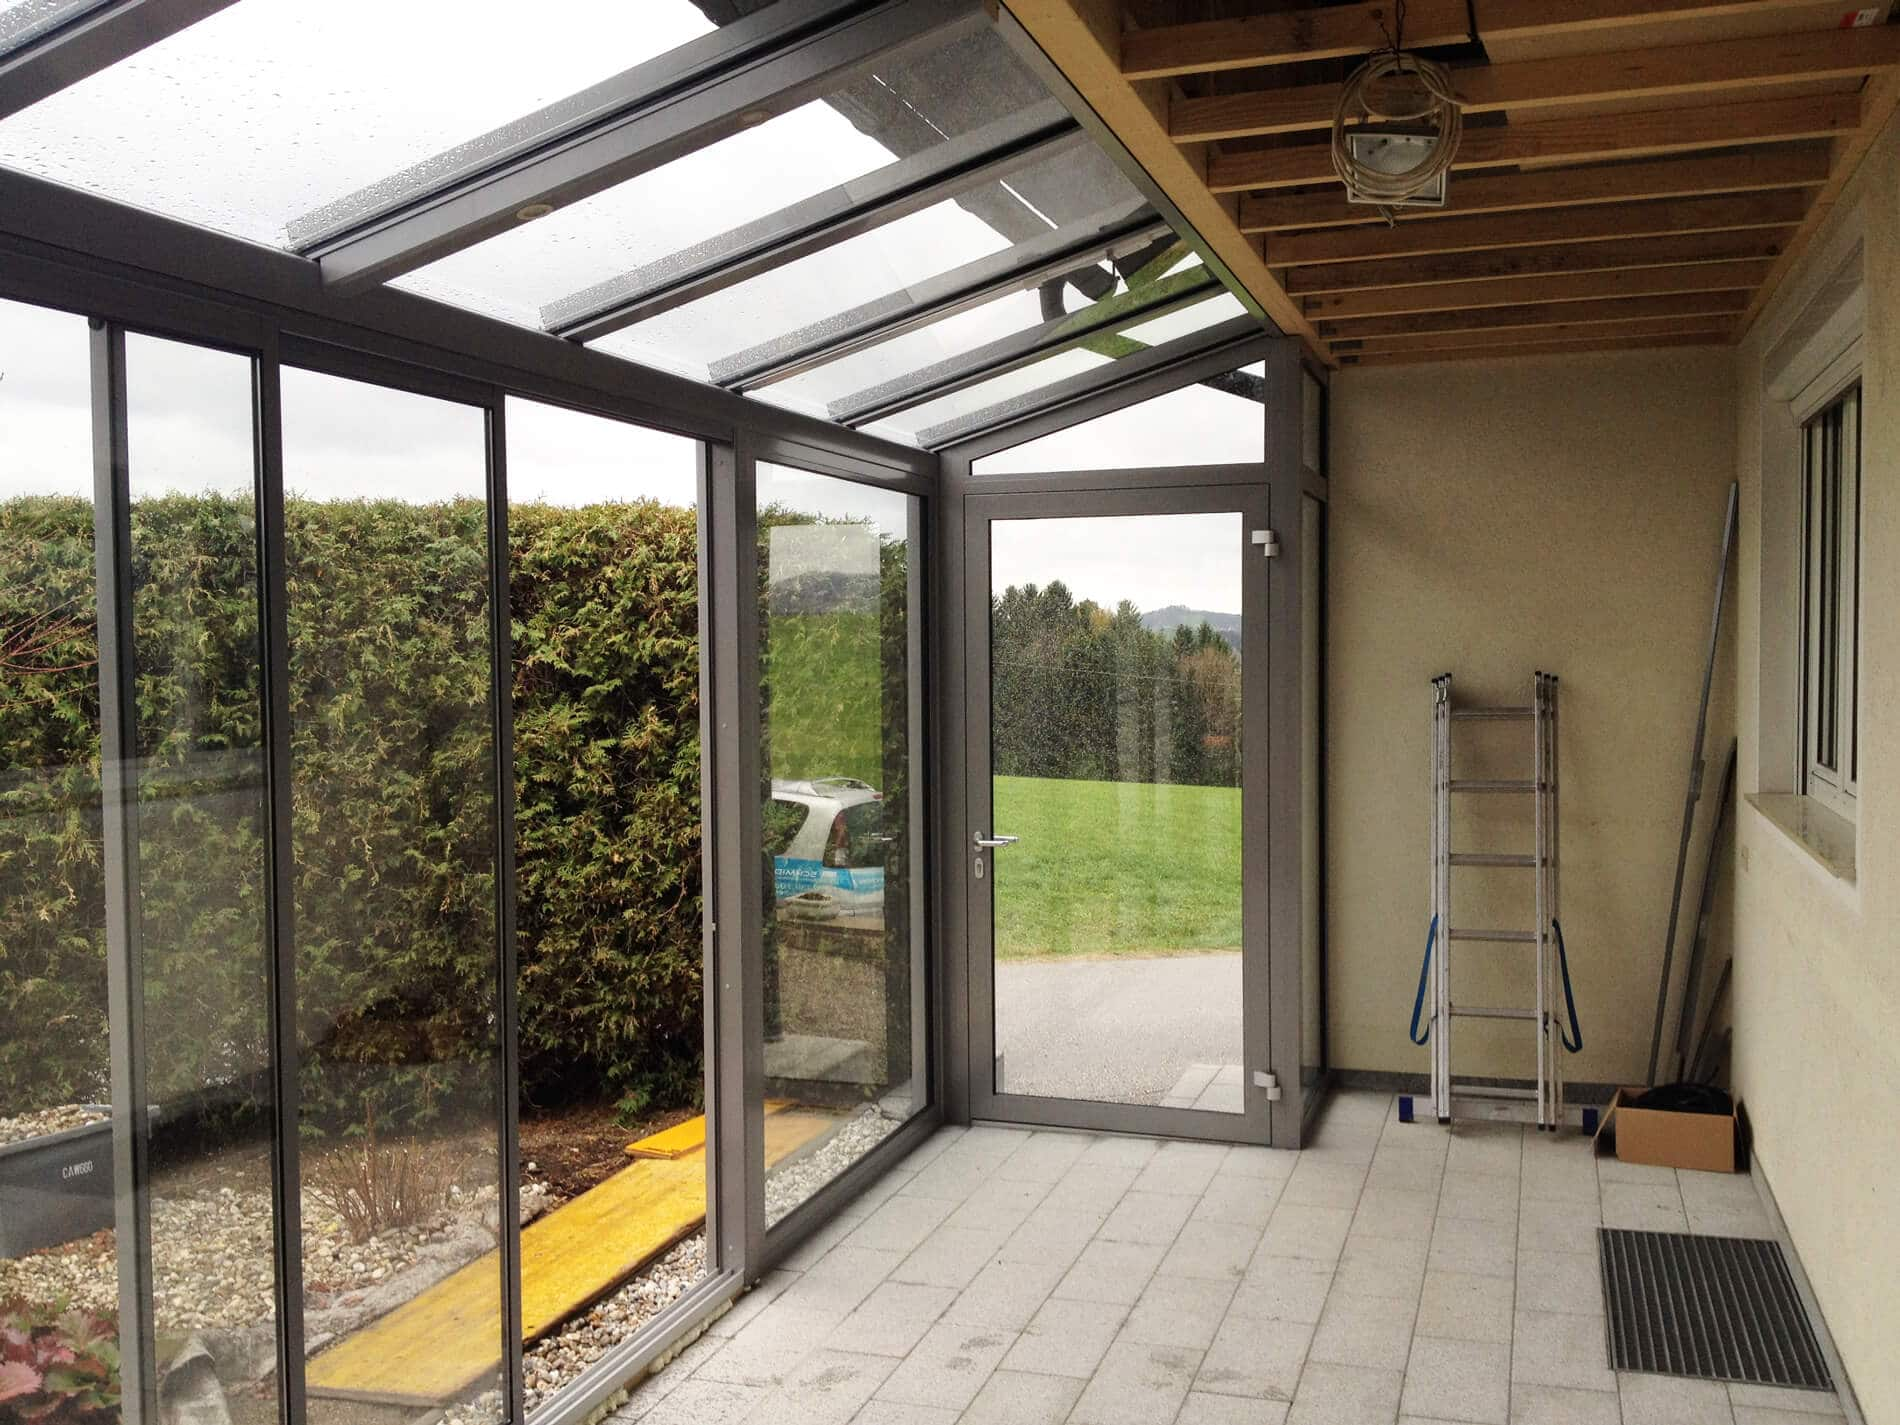 Schiebetürsysteme Aluminium für Wintergarten